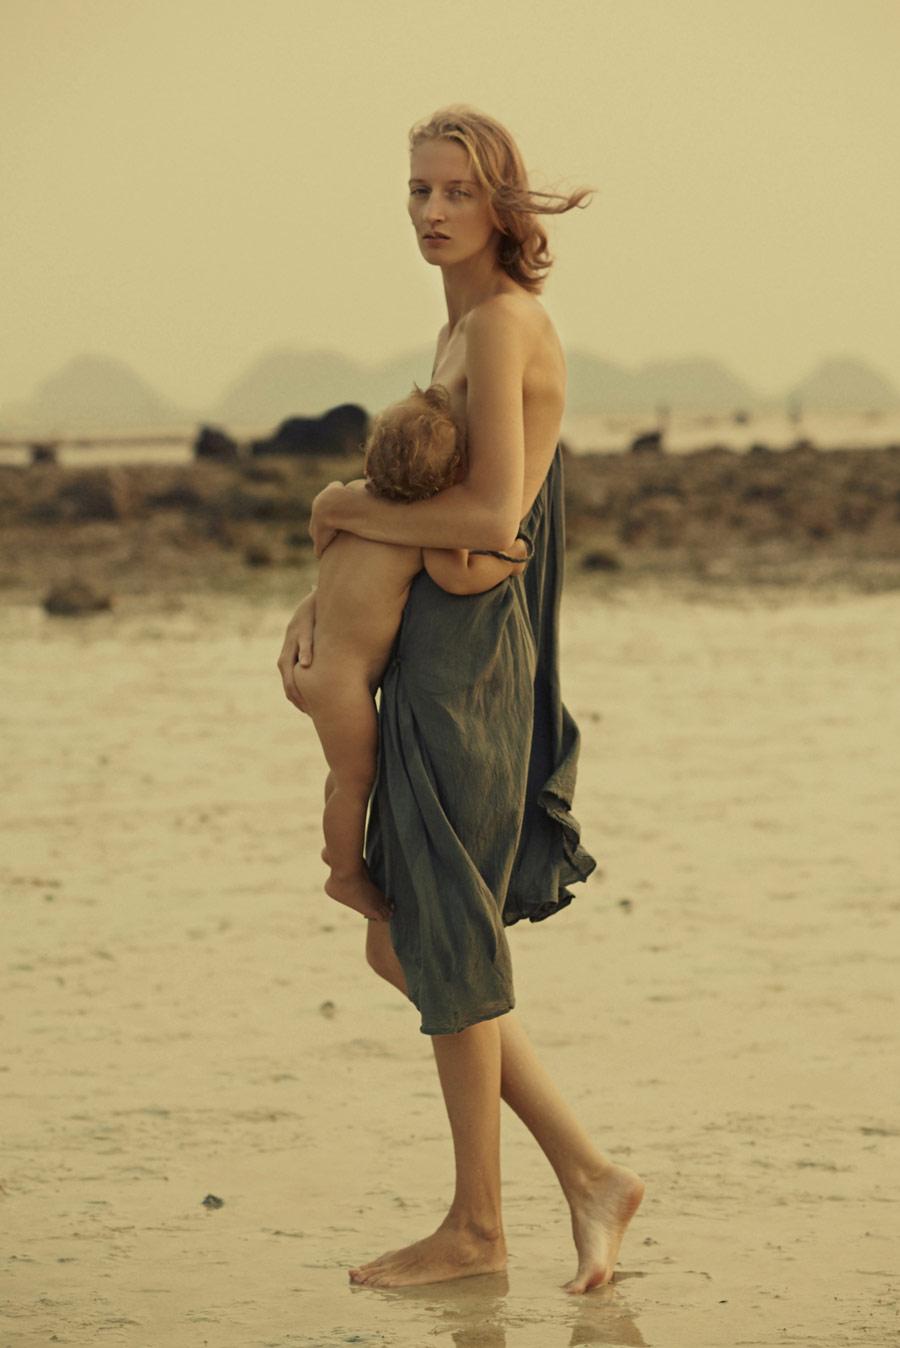 Виктория Ушканова, Marina, 1 место в номинации «Портрет», профессионалы, Фотоконкурс Nikon «Я в сердце изображения»